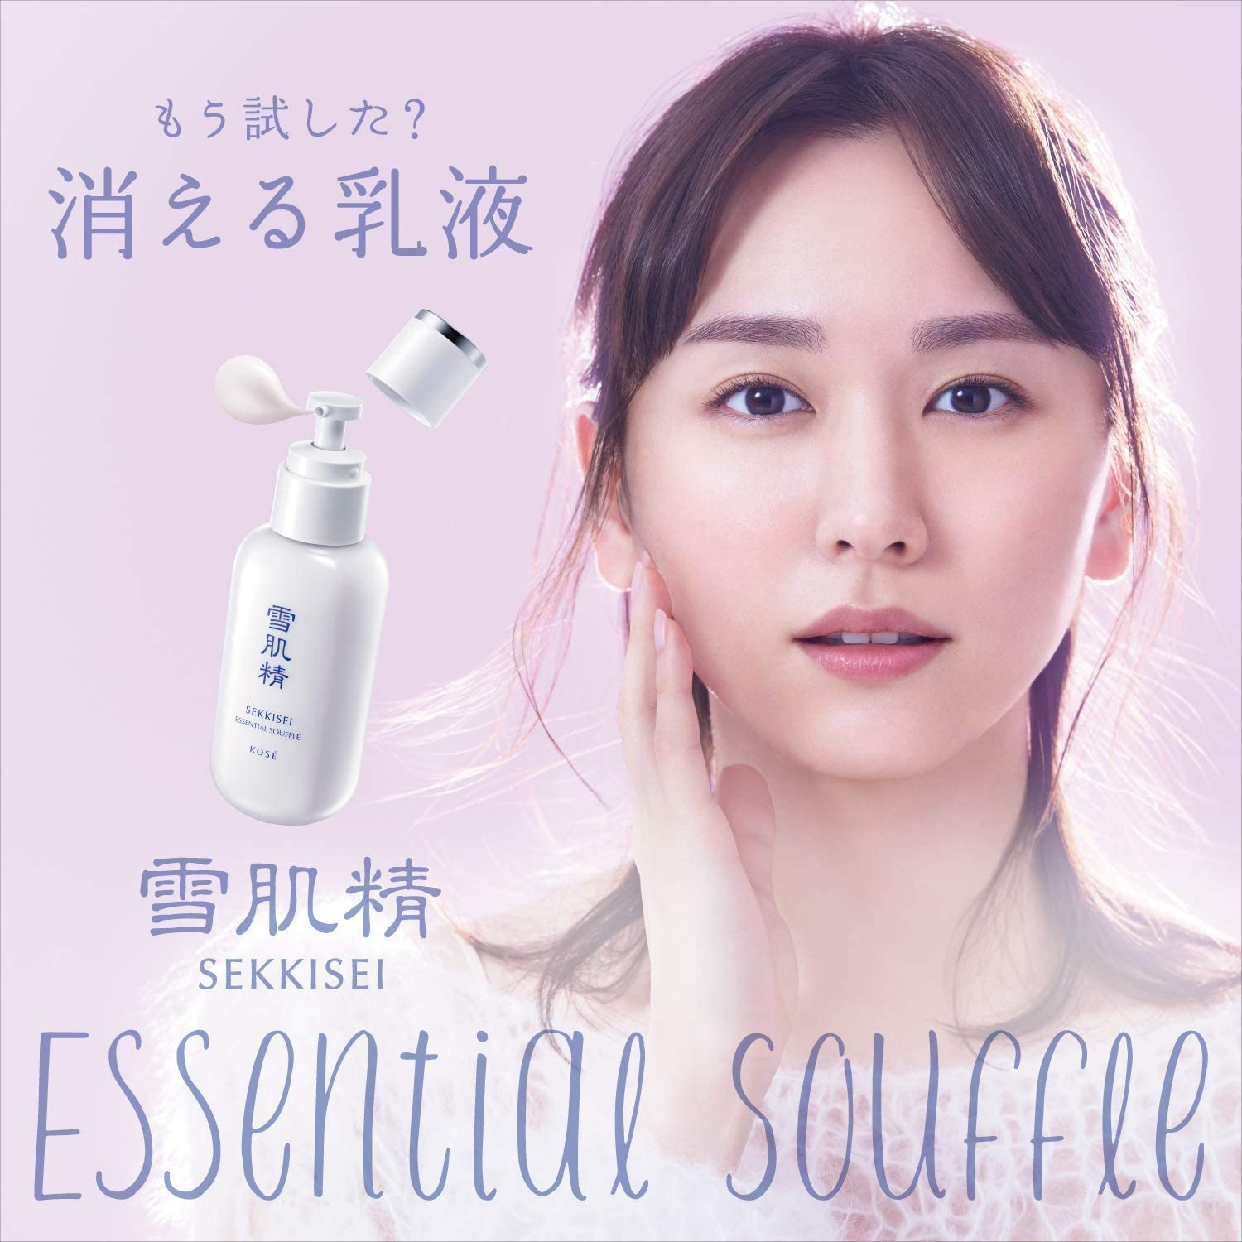 雪肌精(SEKKISEI) エッセンシャル スフレの商品画像4